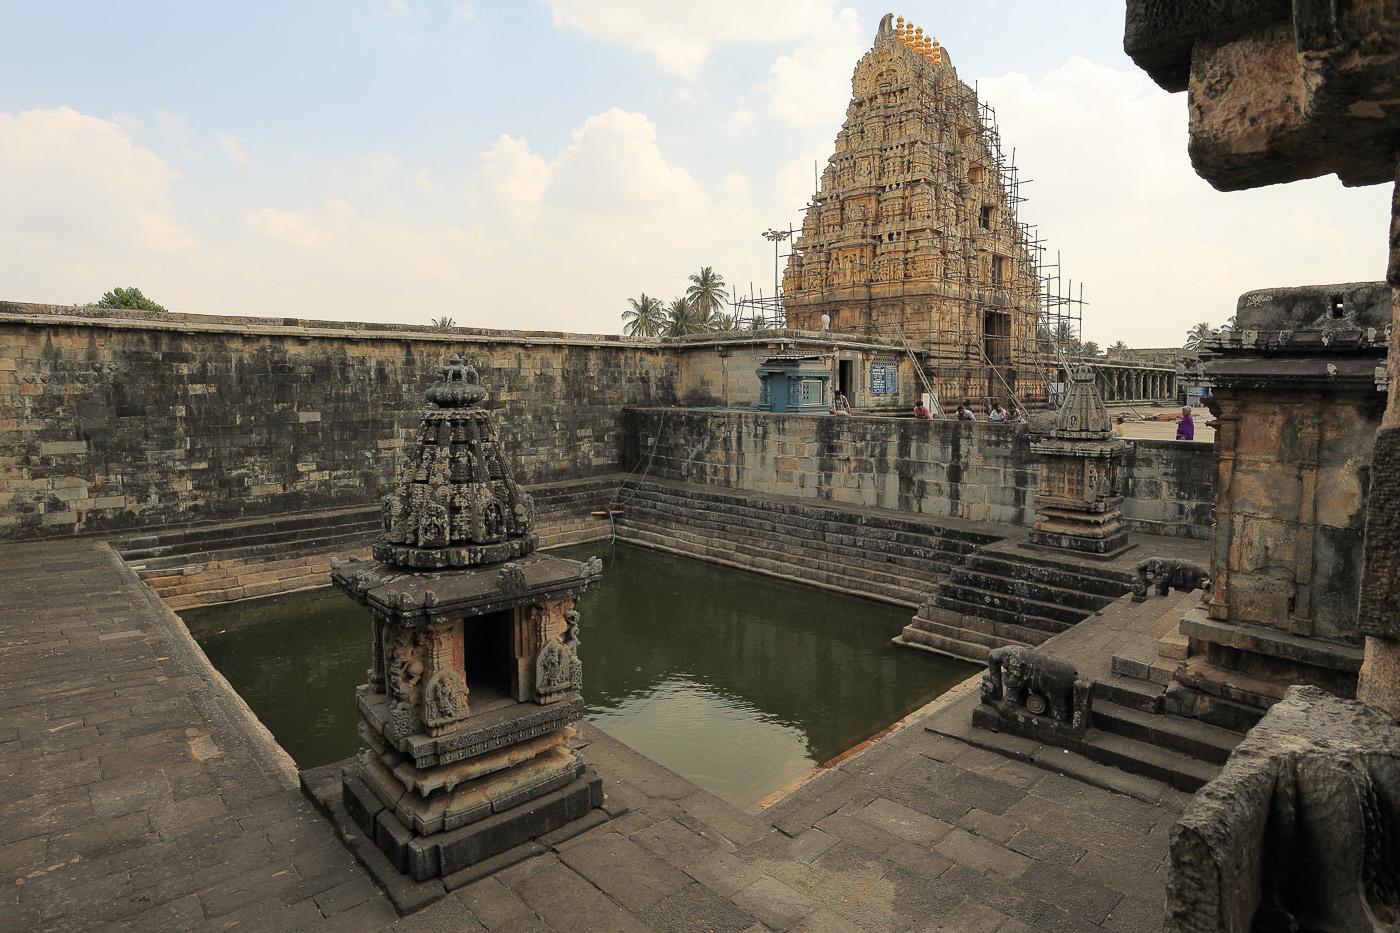 Фото №24. Храм Ченнакесава в городе Белур. Священный водоем. Поездка в штат Карнатака во время отдыха в Индии. 1/50, -1 eV, f 10, 17mm, ISO 100.